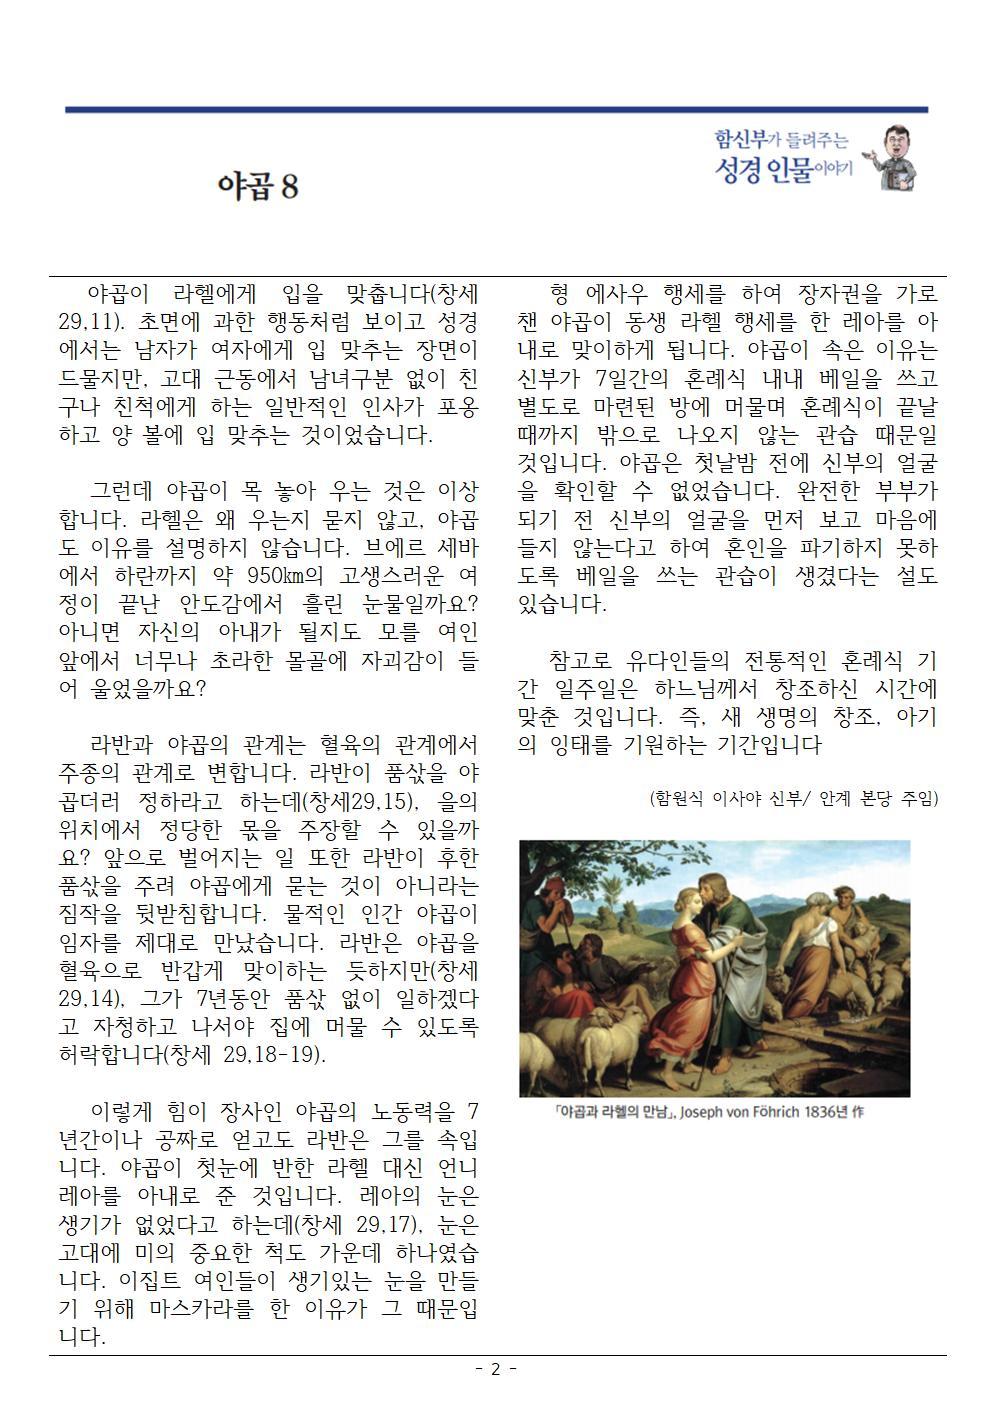 201220 대림4주002.jpg